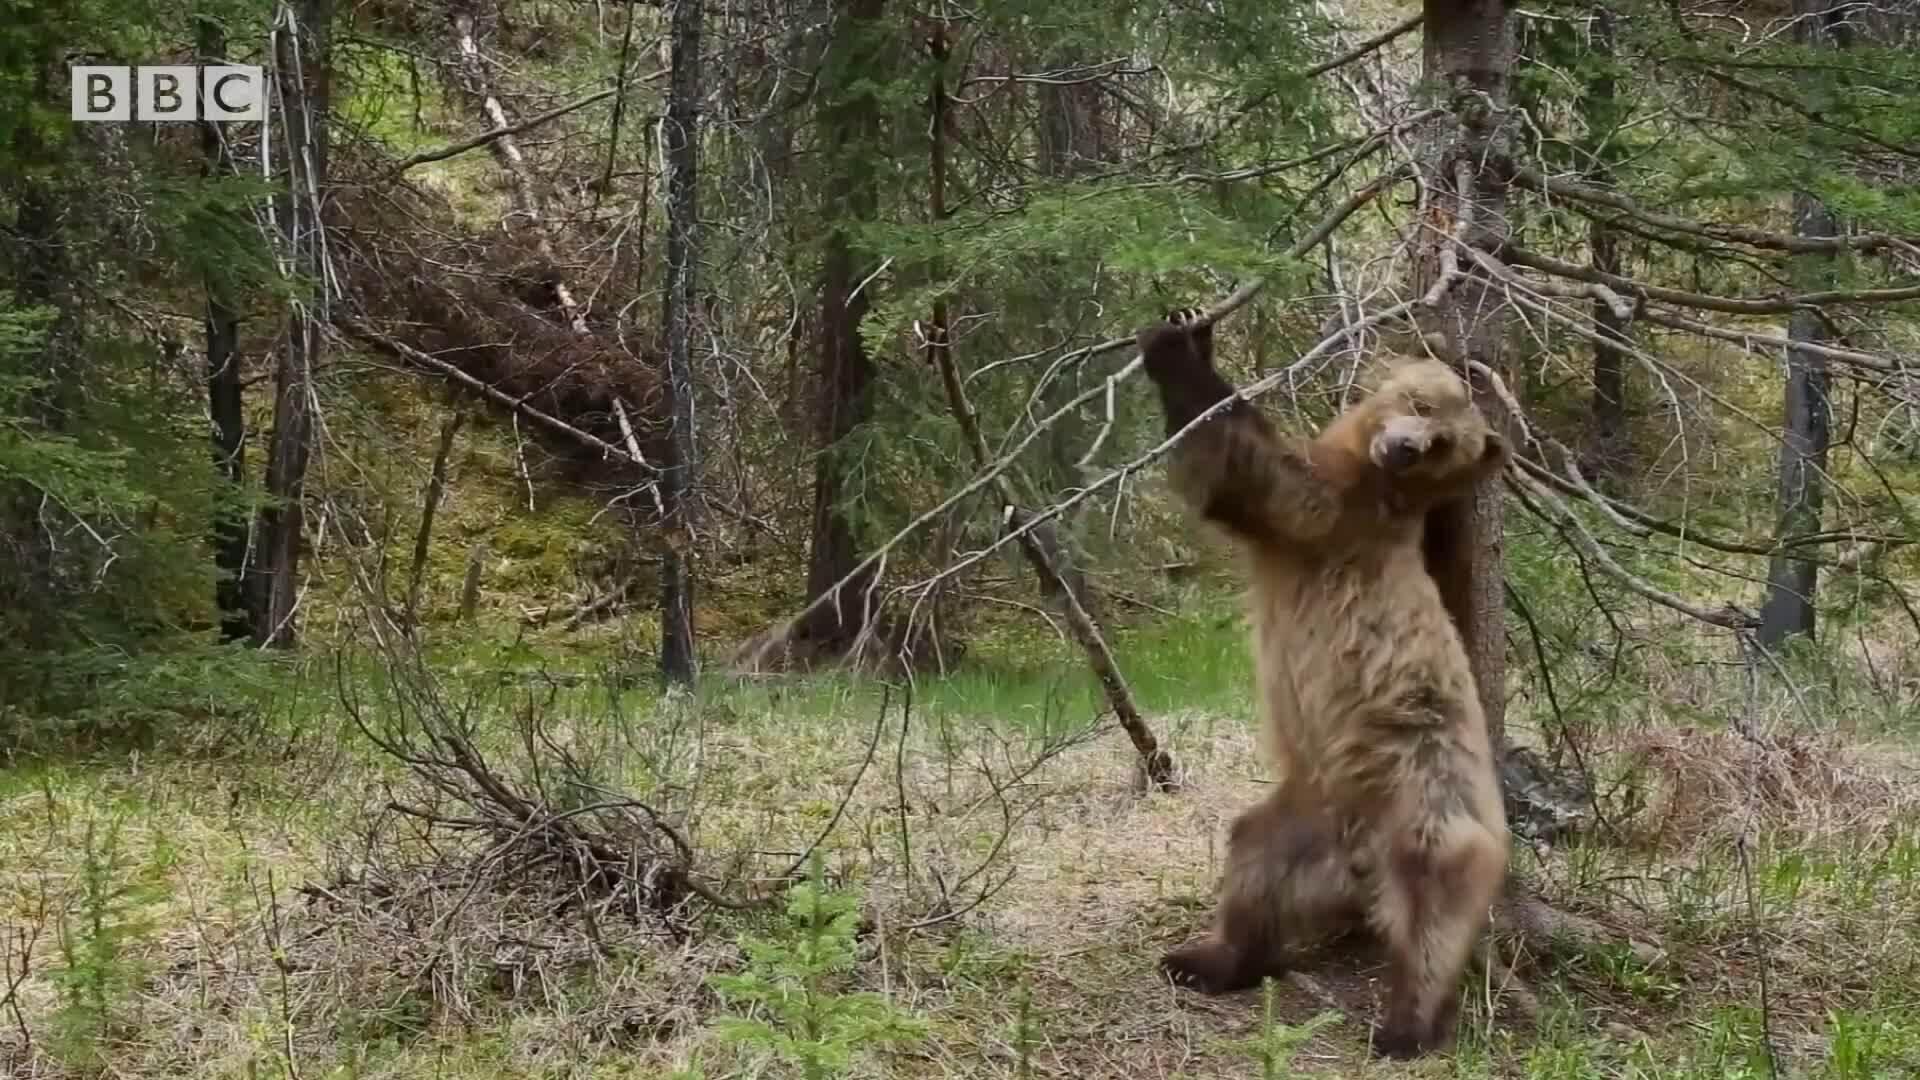 Giải mã hành vi 'múa cột' ở gấu nâu